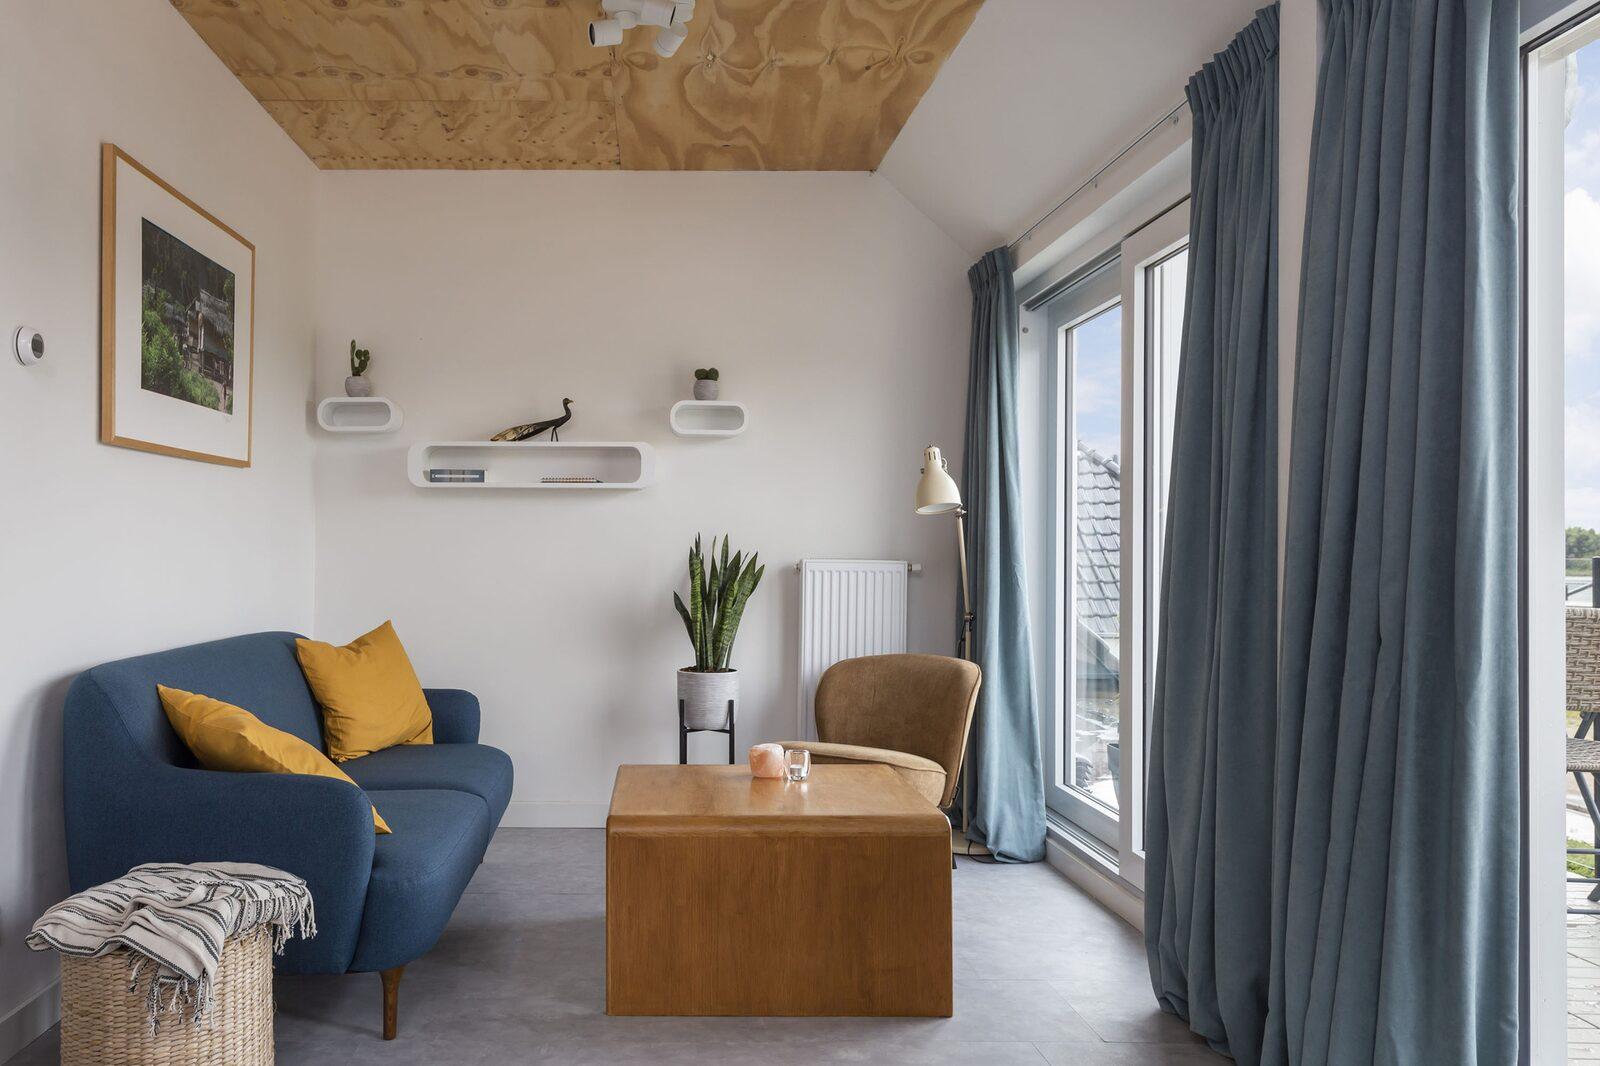 Vakantie appartement 4 personen - Sneekermeer